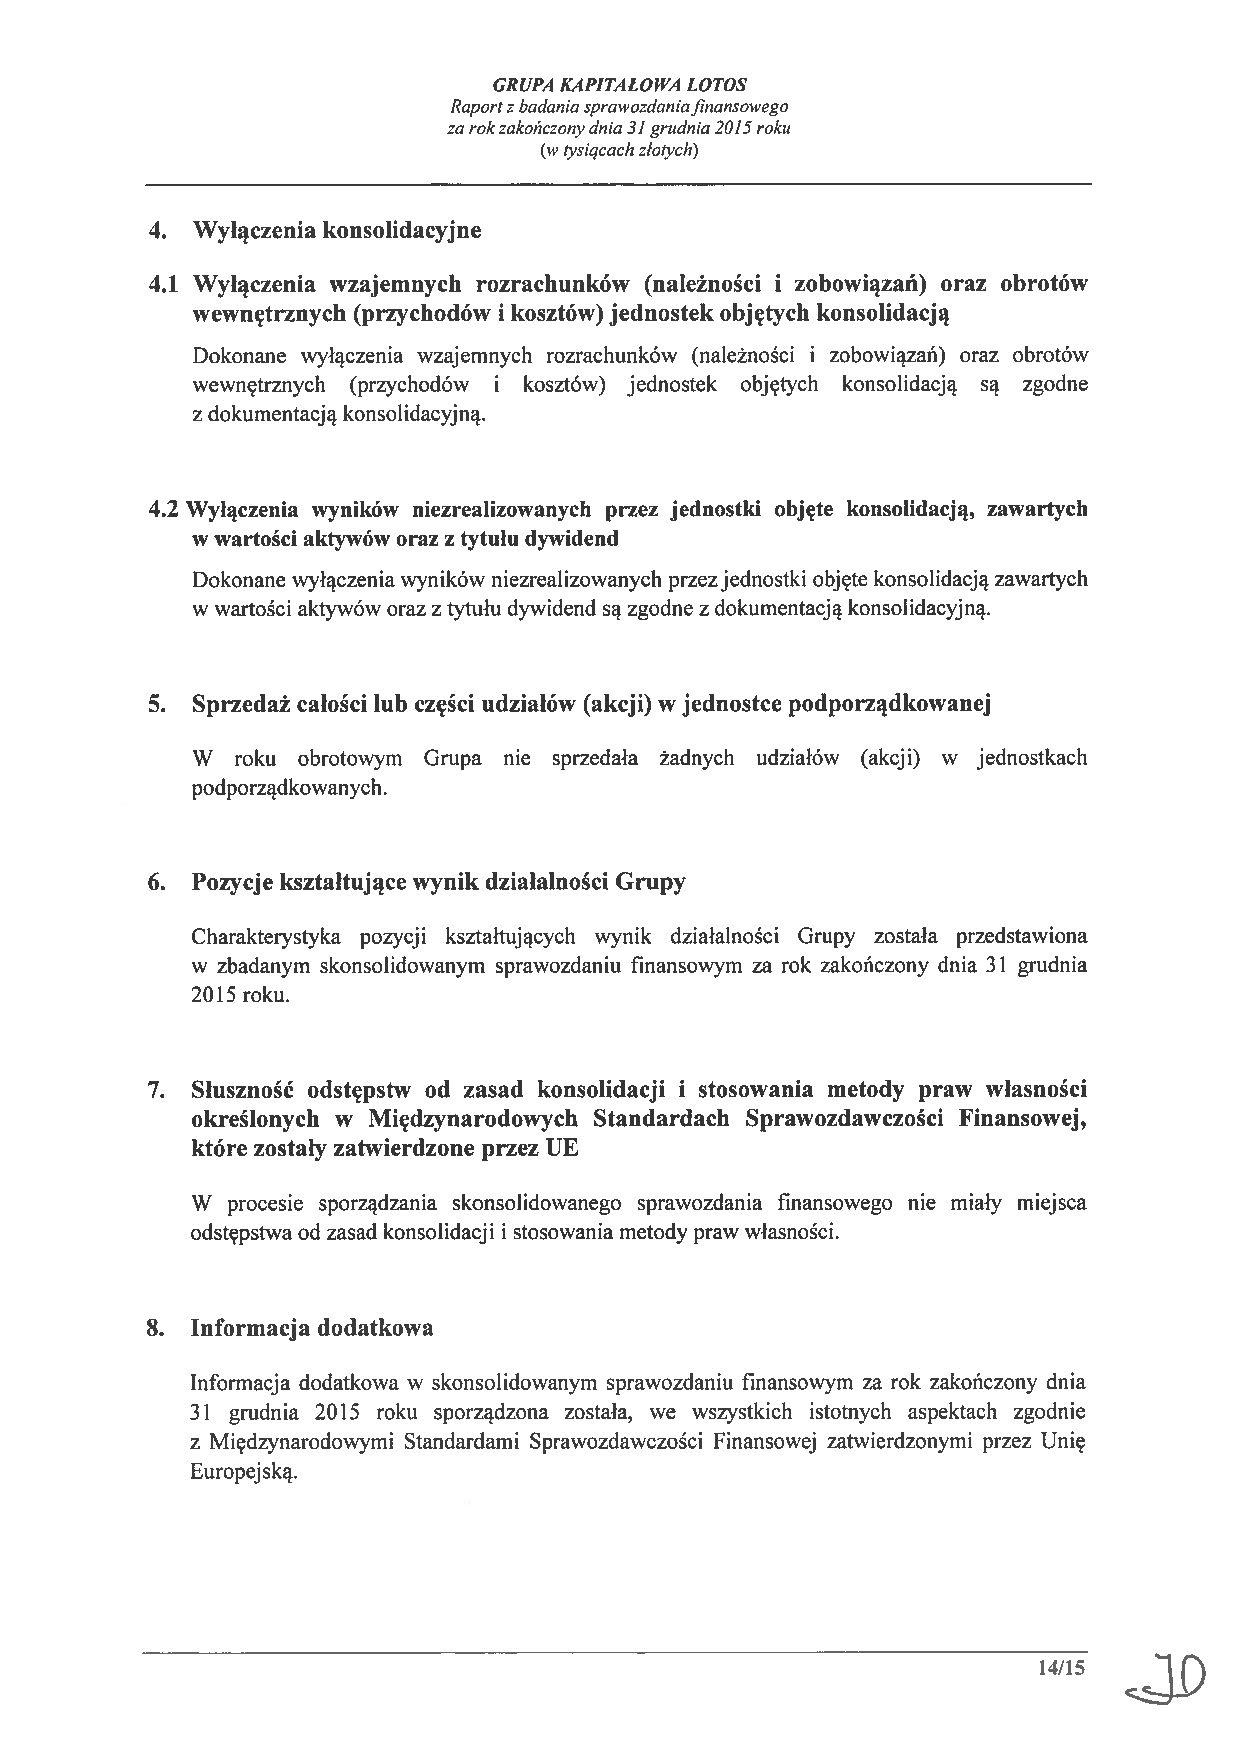 Grupa Kapitalowa LOTOS 2015 - Raport audytora z badania Skonsolidowanego Sprawozdania Finansowego strona 14